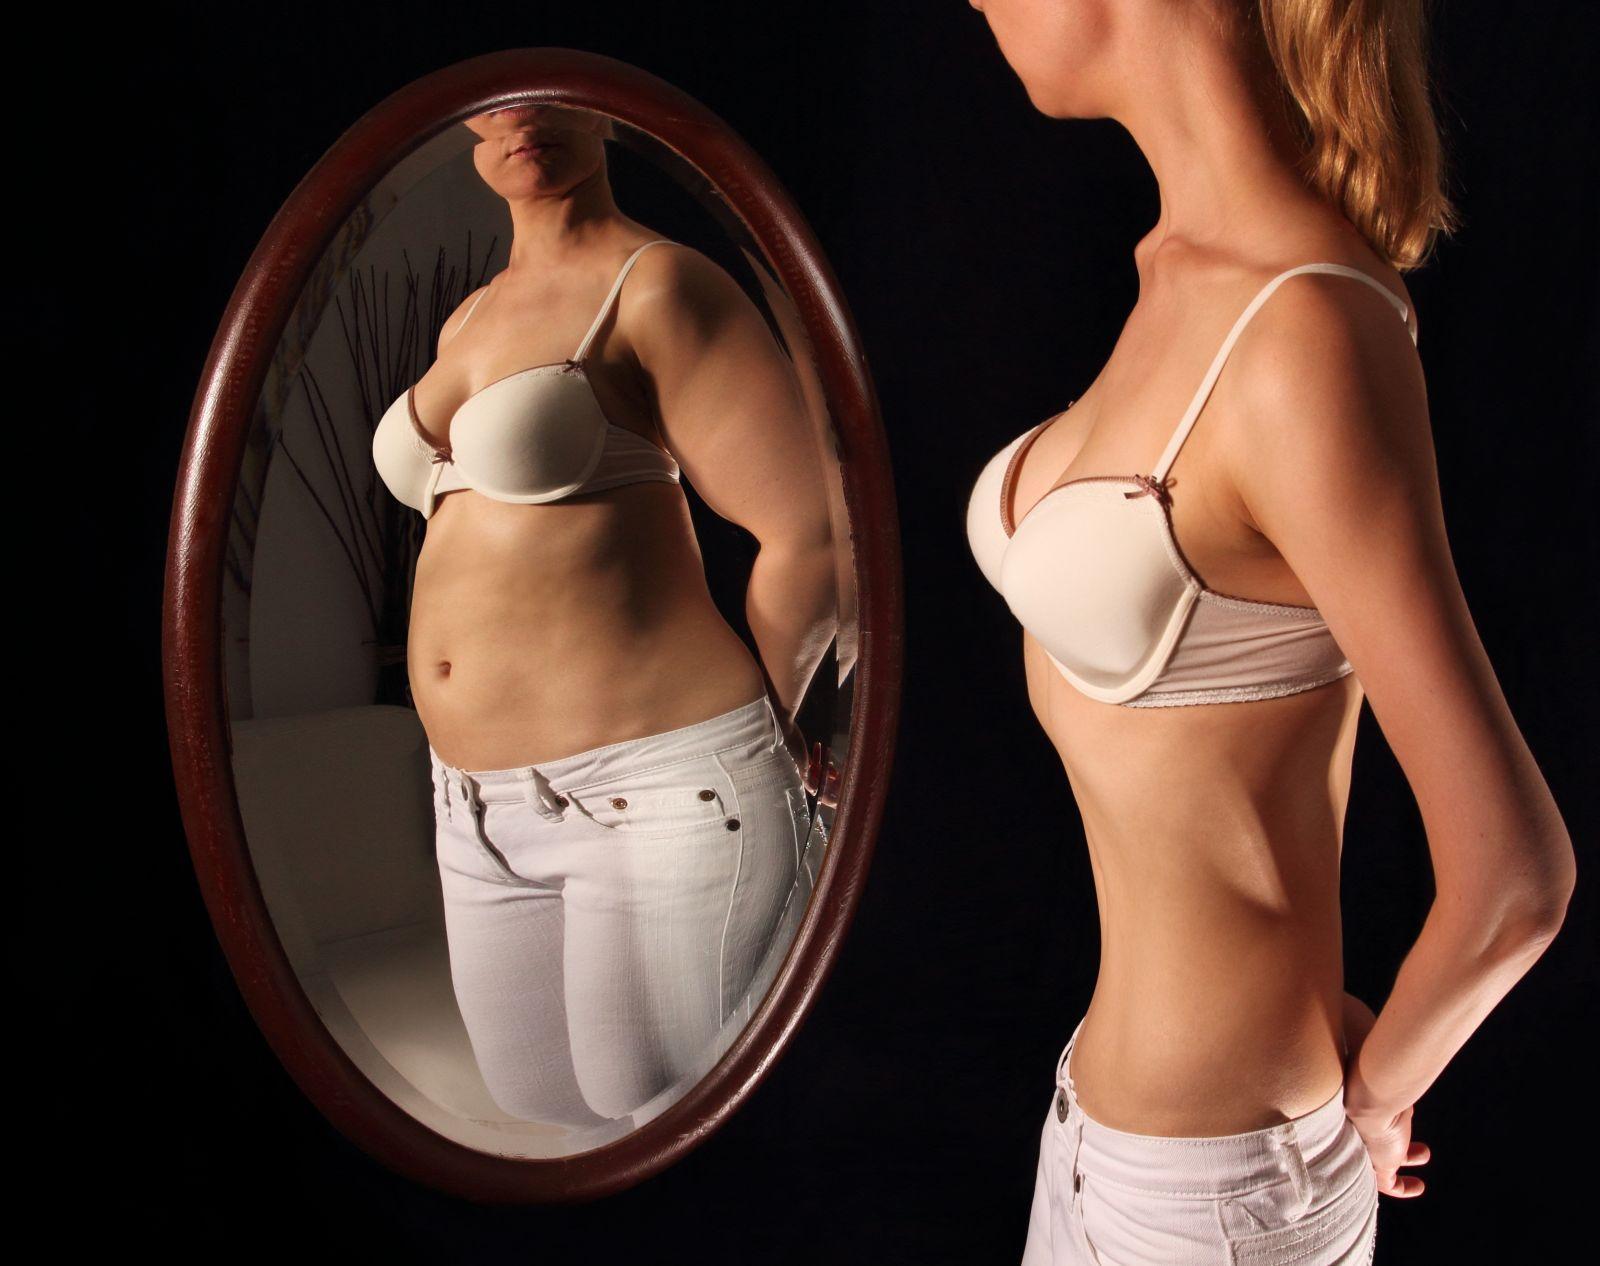 Nejhubenější žena na světě váží pouhých 27 kg a stále se jí nedaří se s váhou do normálu.